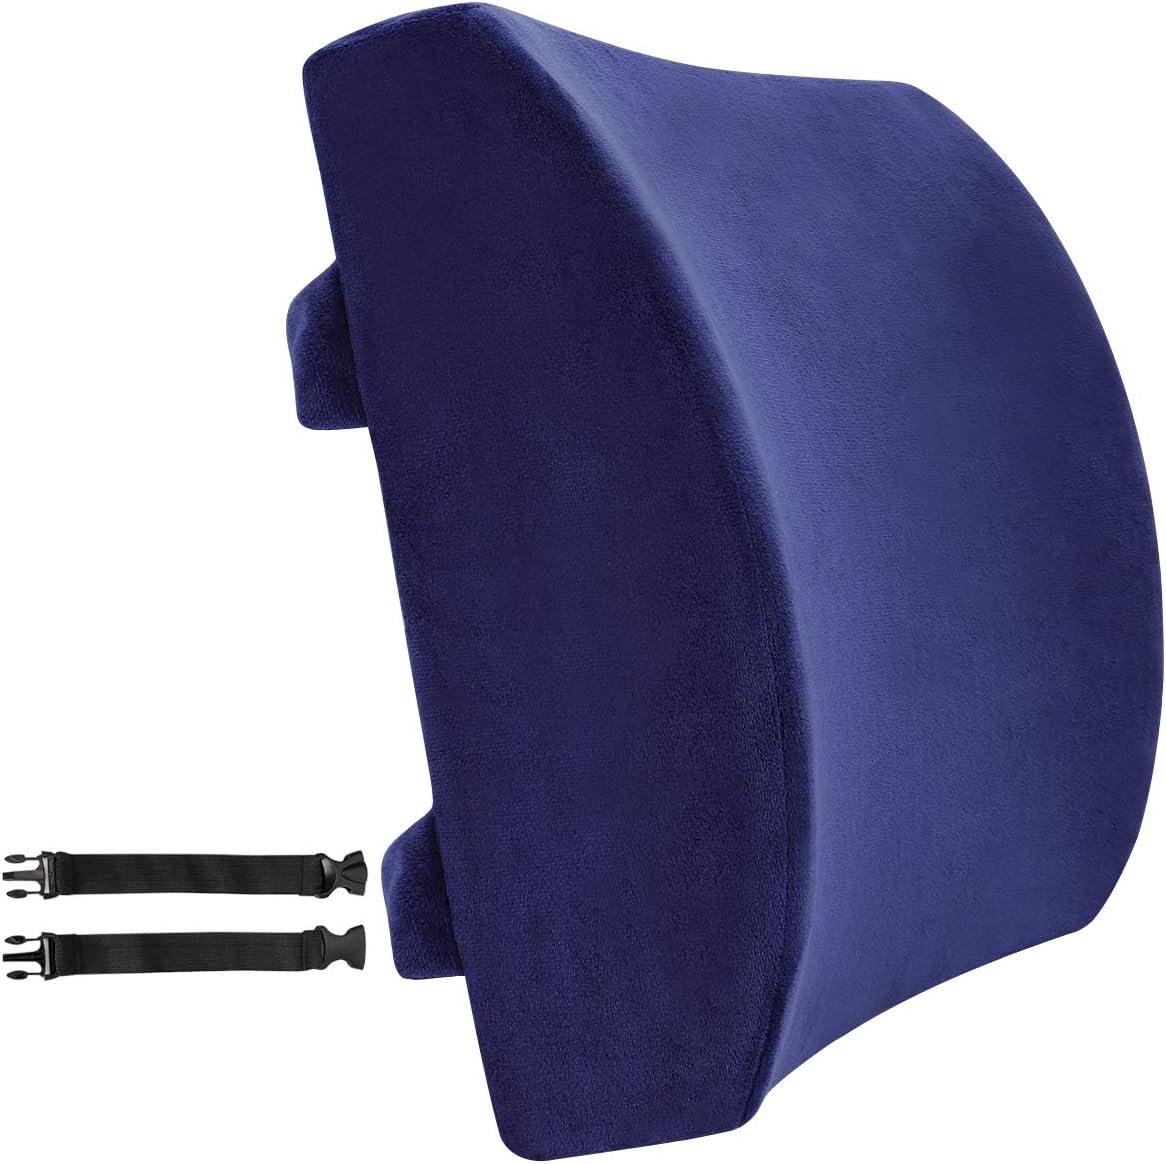 Love Home Cojin Lumbar Respaldo Lumbar Para Silla Oficina Coche Almohada Ergonomico Apoyo Cojín - Azul Marino